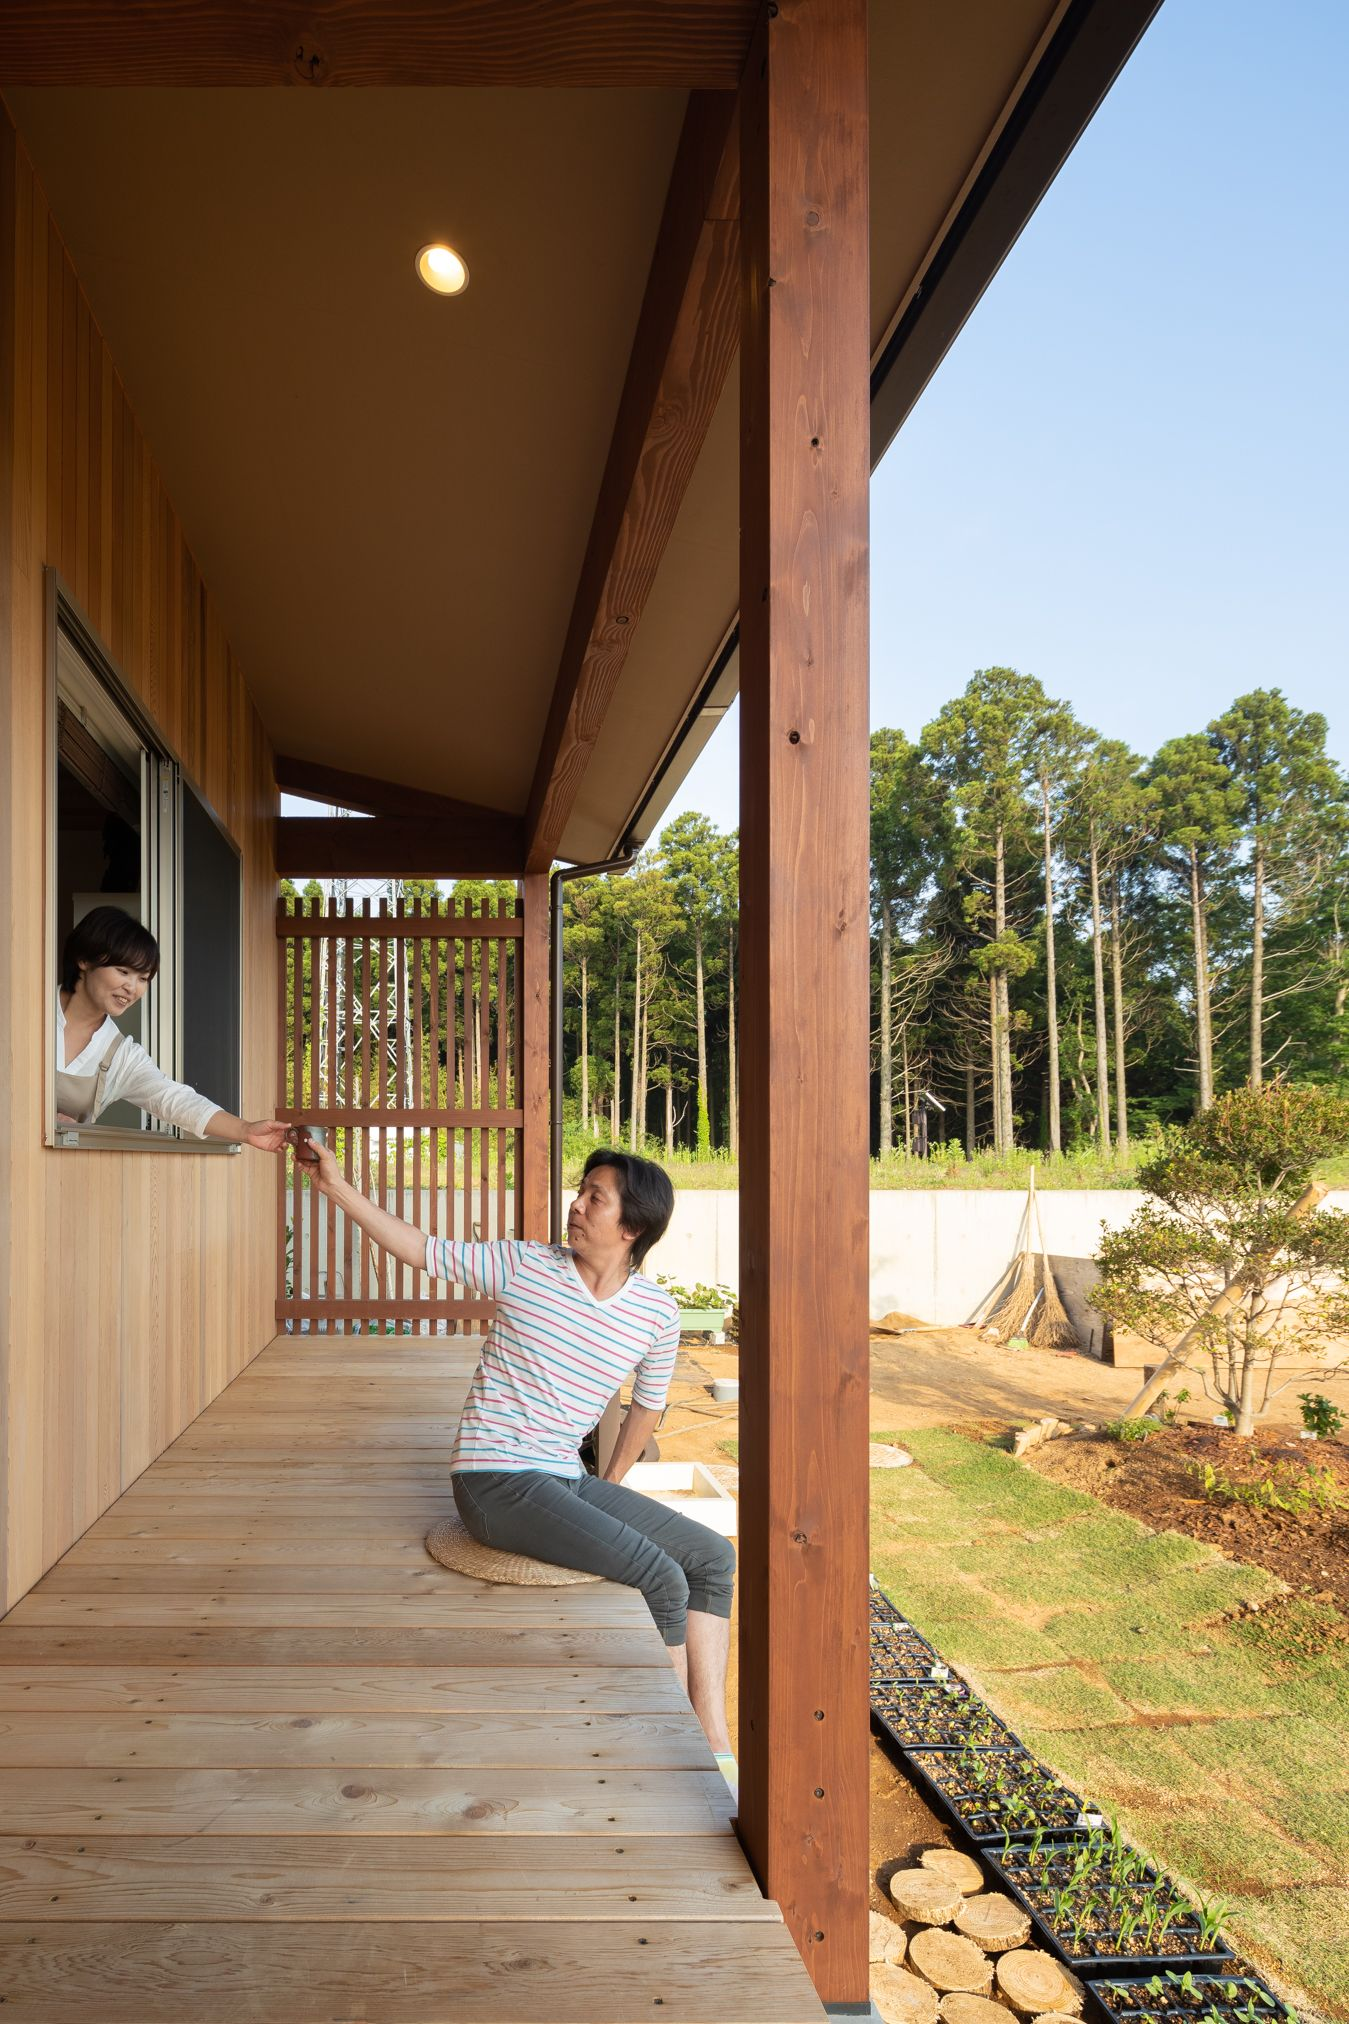 崖地に建つ風景を切り取る家 ちはら台東 南側に大きく抜けた土地に建つ